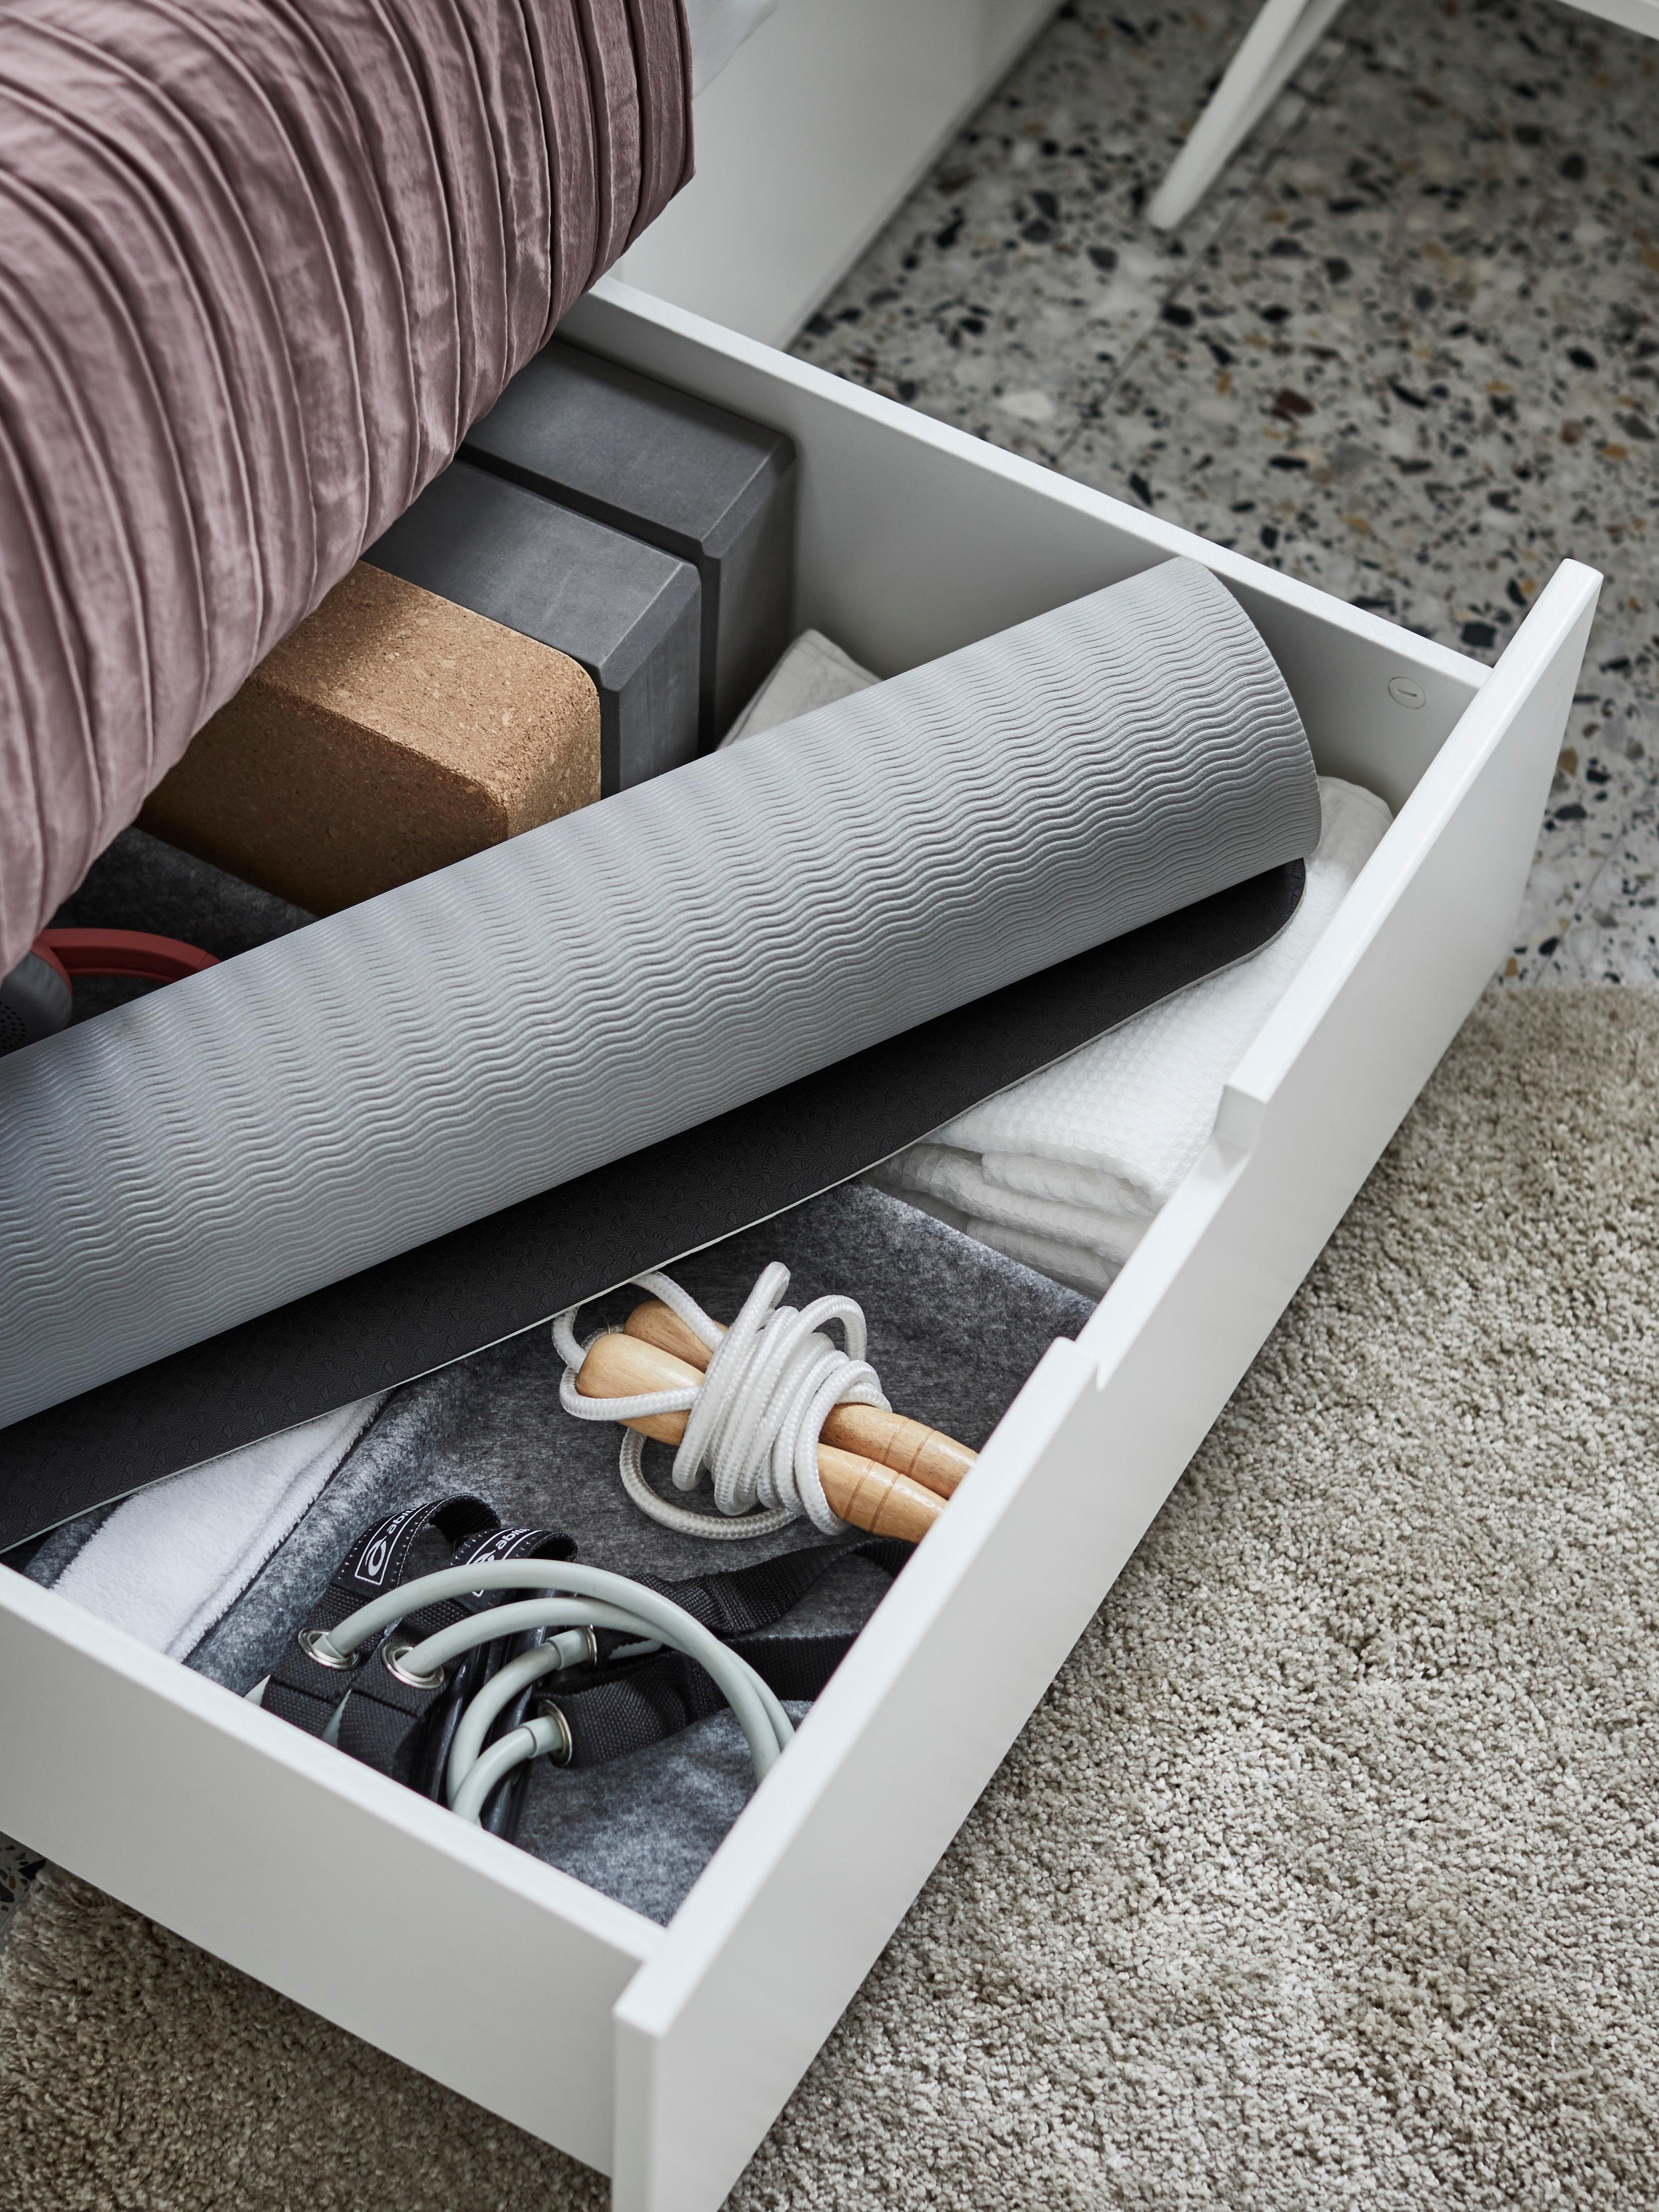 Otvorena ladica s prostirkom za jogu i drugim priborom za vježbanje u NORDLI okviru kreveta s odlaganjem, na sivom tepihu.